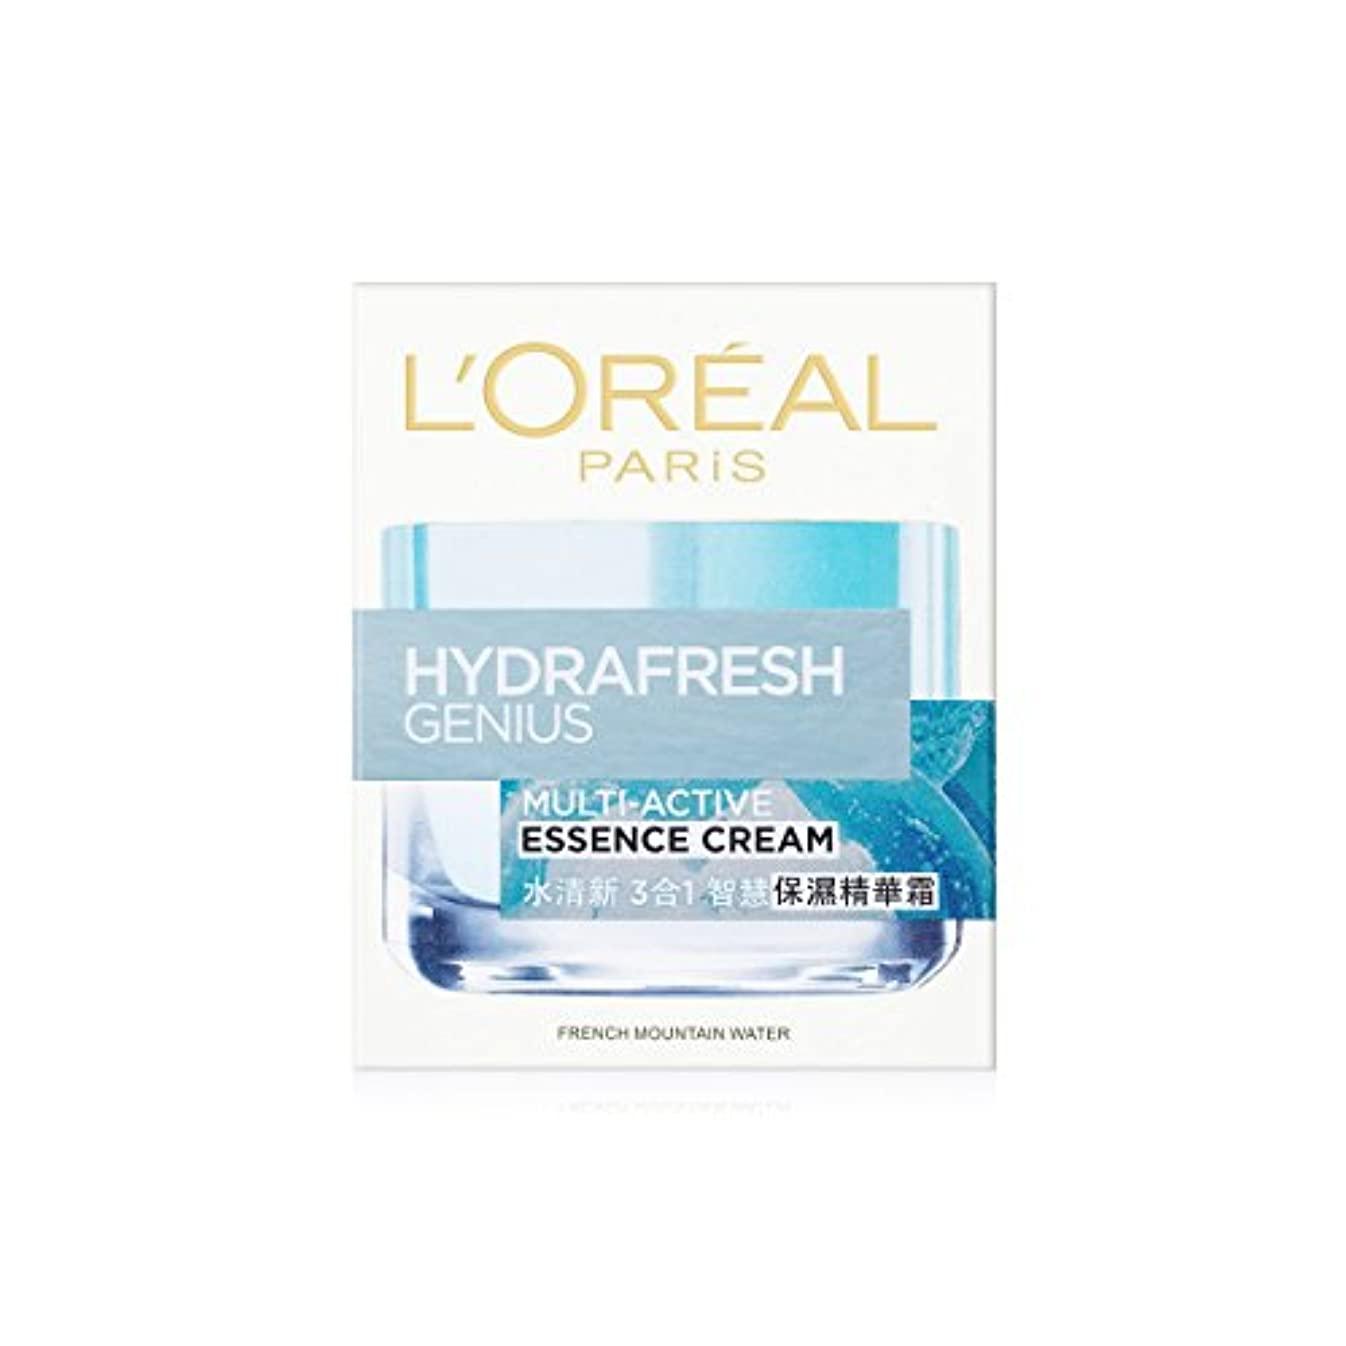 詐欺師動かない使用法ロレアル Hydrafresh Genius Multi-Active Essence Cream 50ml/1.7oz並行輸入品